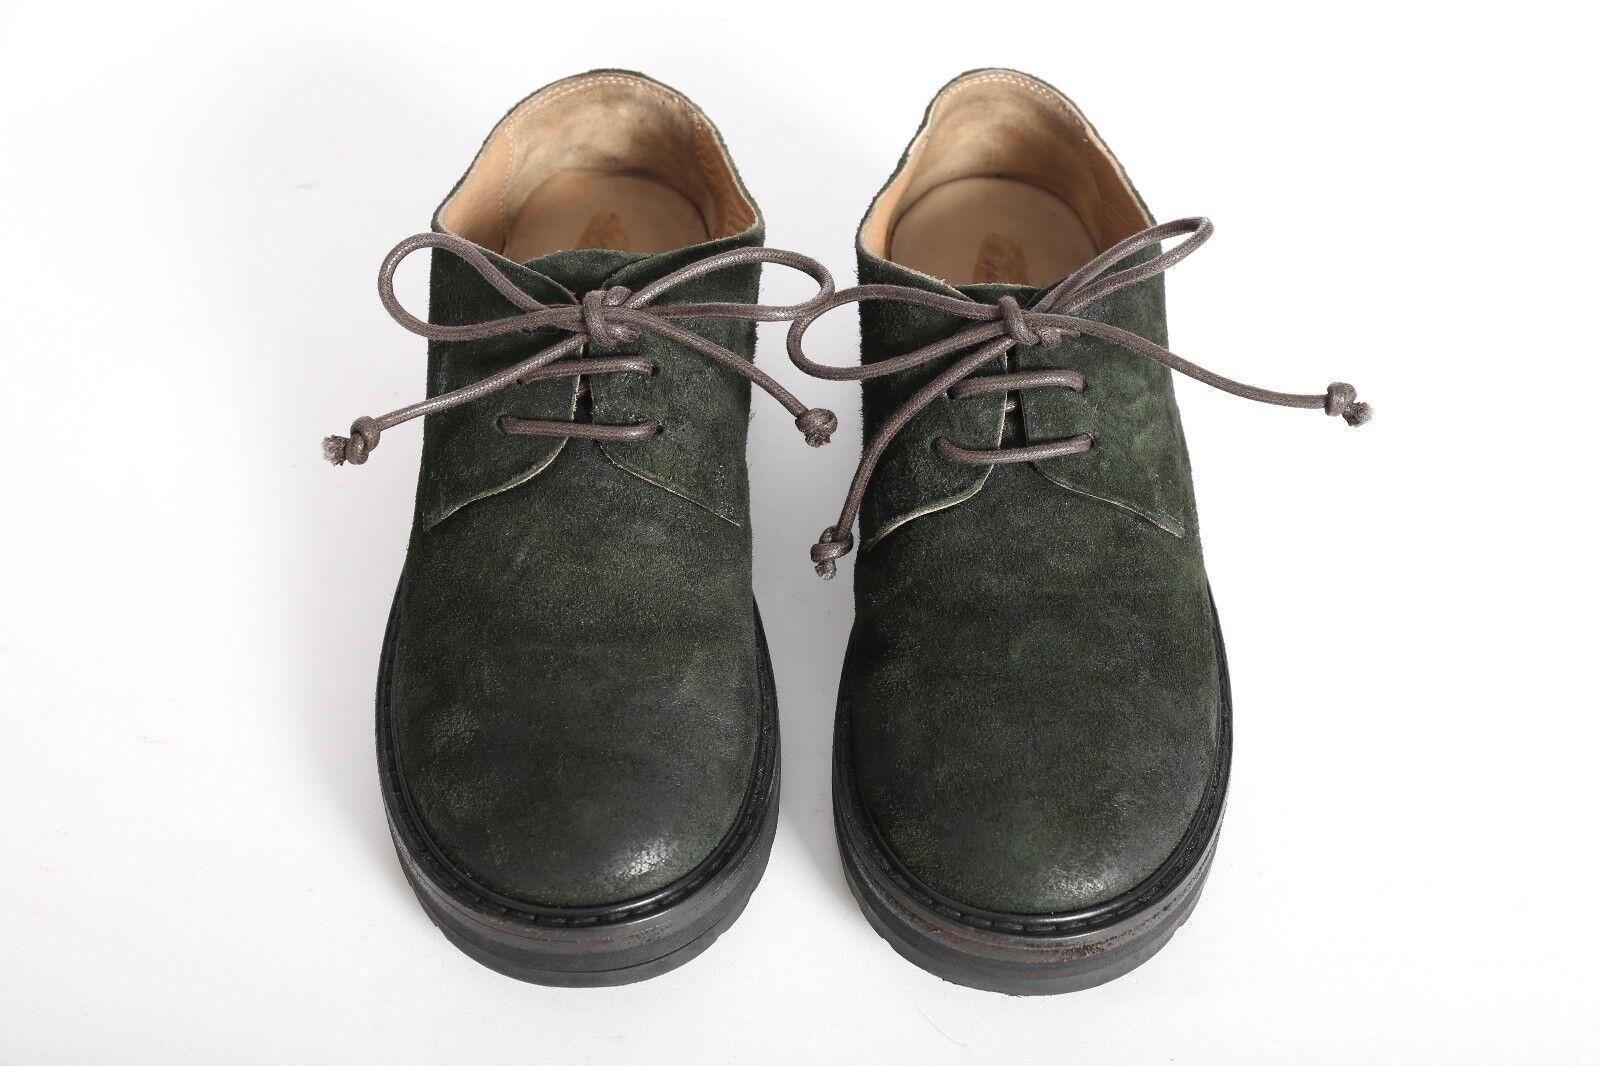 MARSELL NOIR NOIR NOIR effet vieilli cuir semelles épaisses Lacets Chaussures Oxford EU36 US6 UK2 c8a690